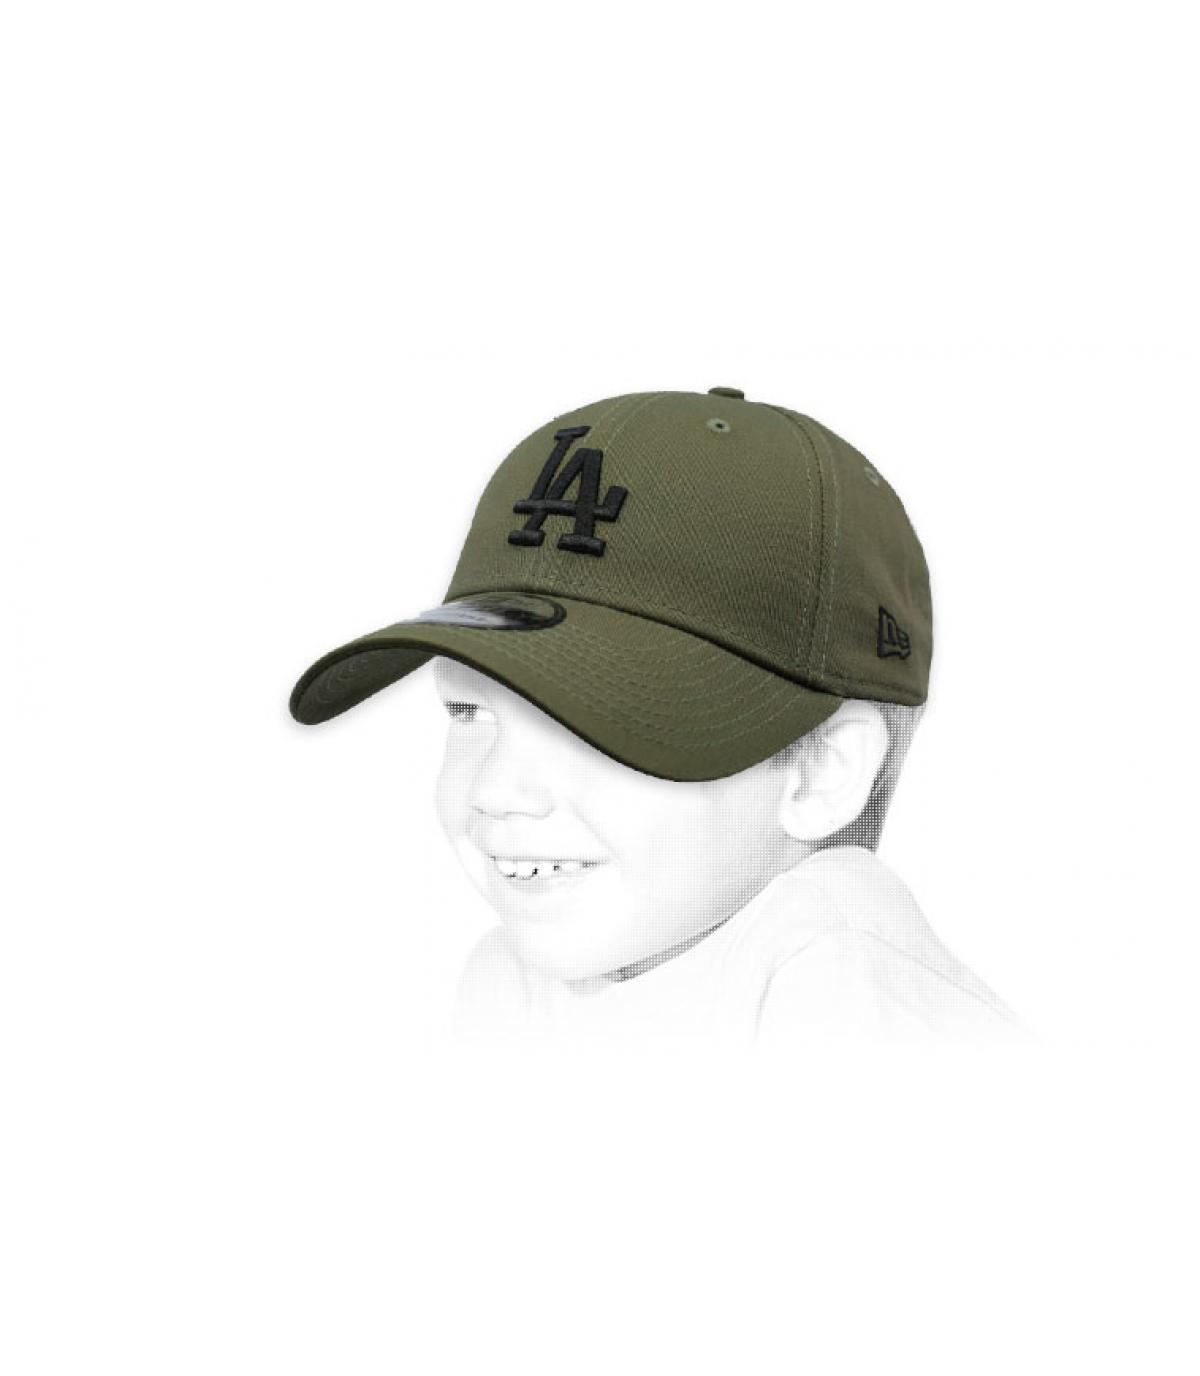 casquette LA enfant vert